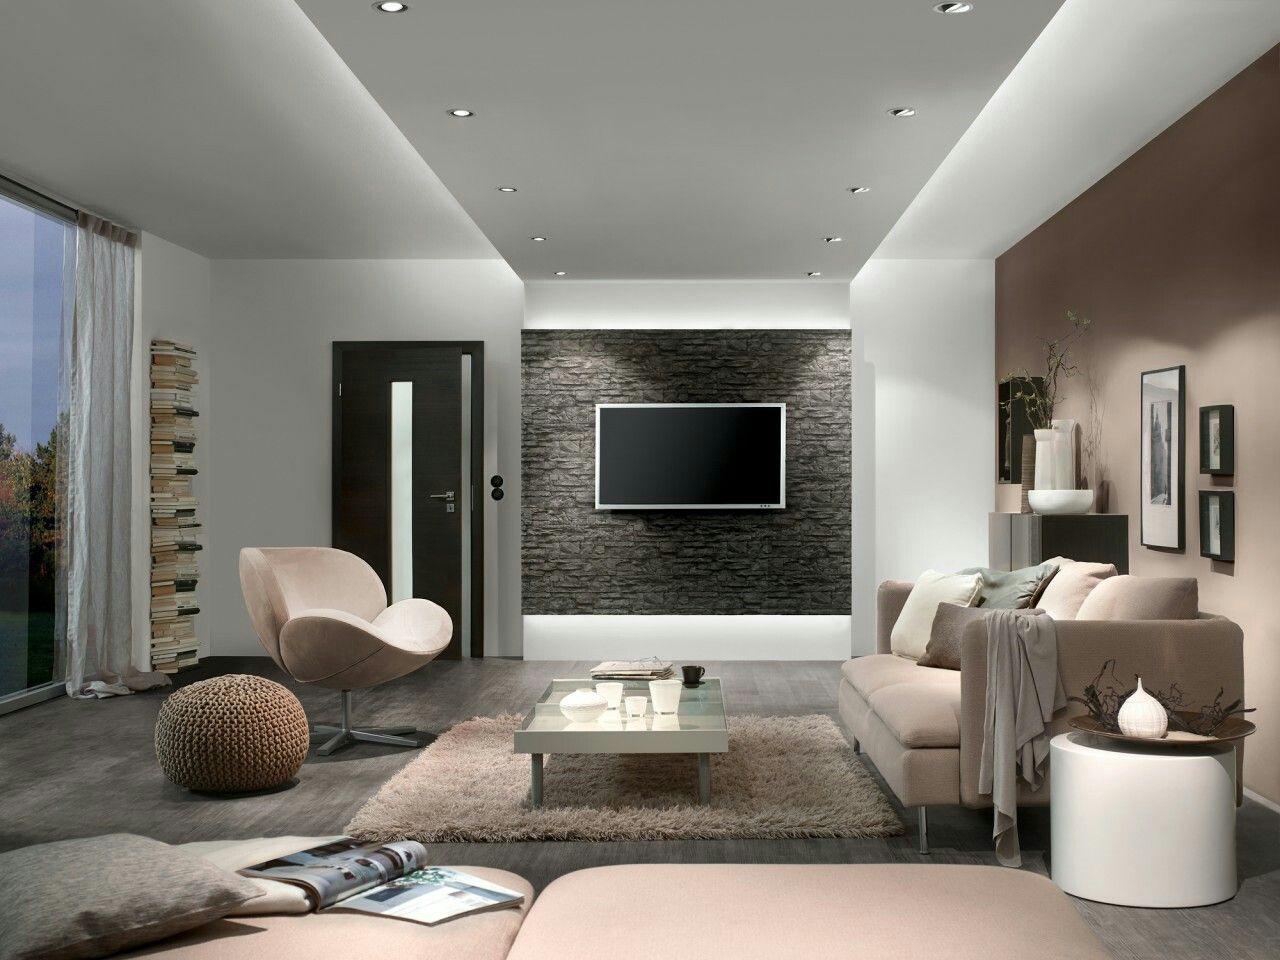 Pin von C auf led  Beleuchtung wohnzimmer, Wohnzimmer licht